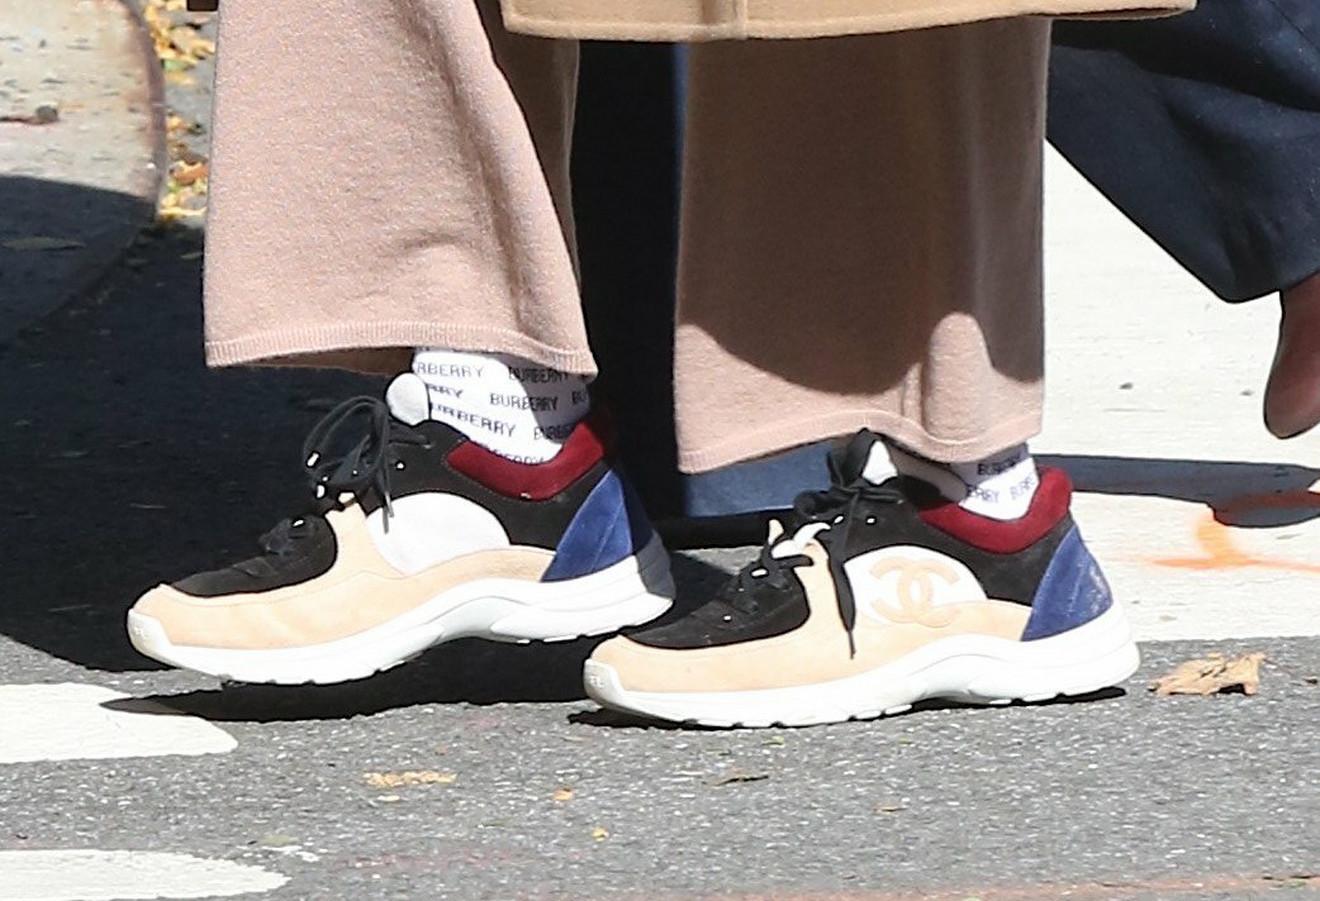 Pogledajte njene patike i čarape